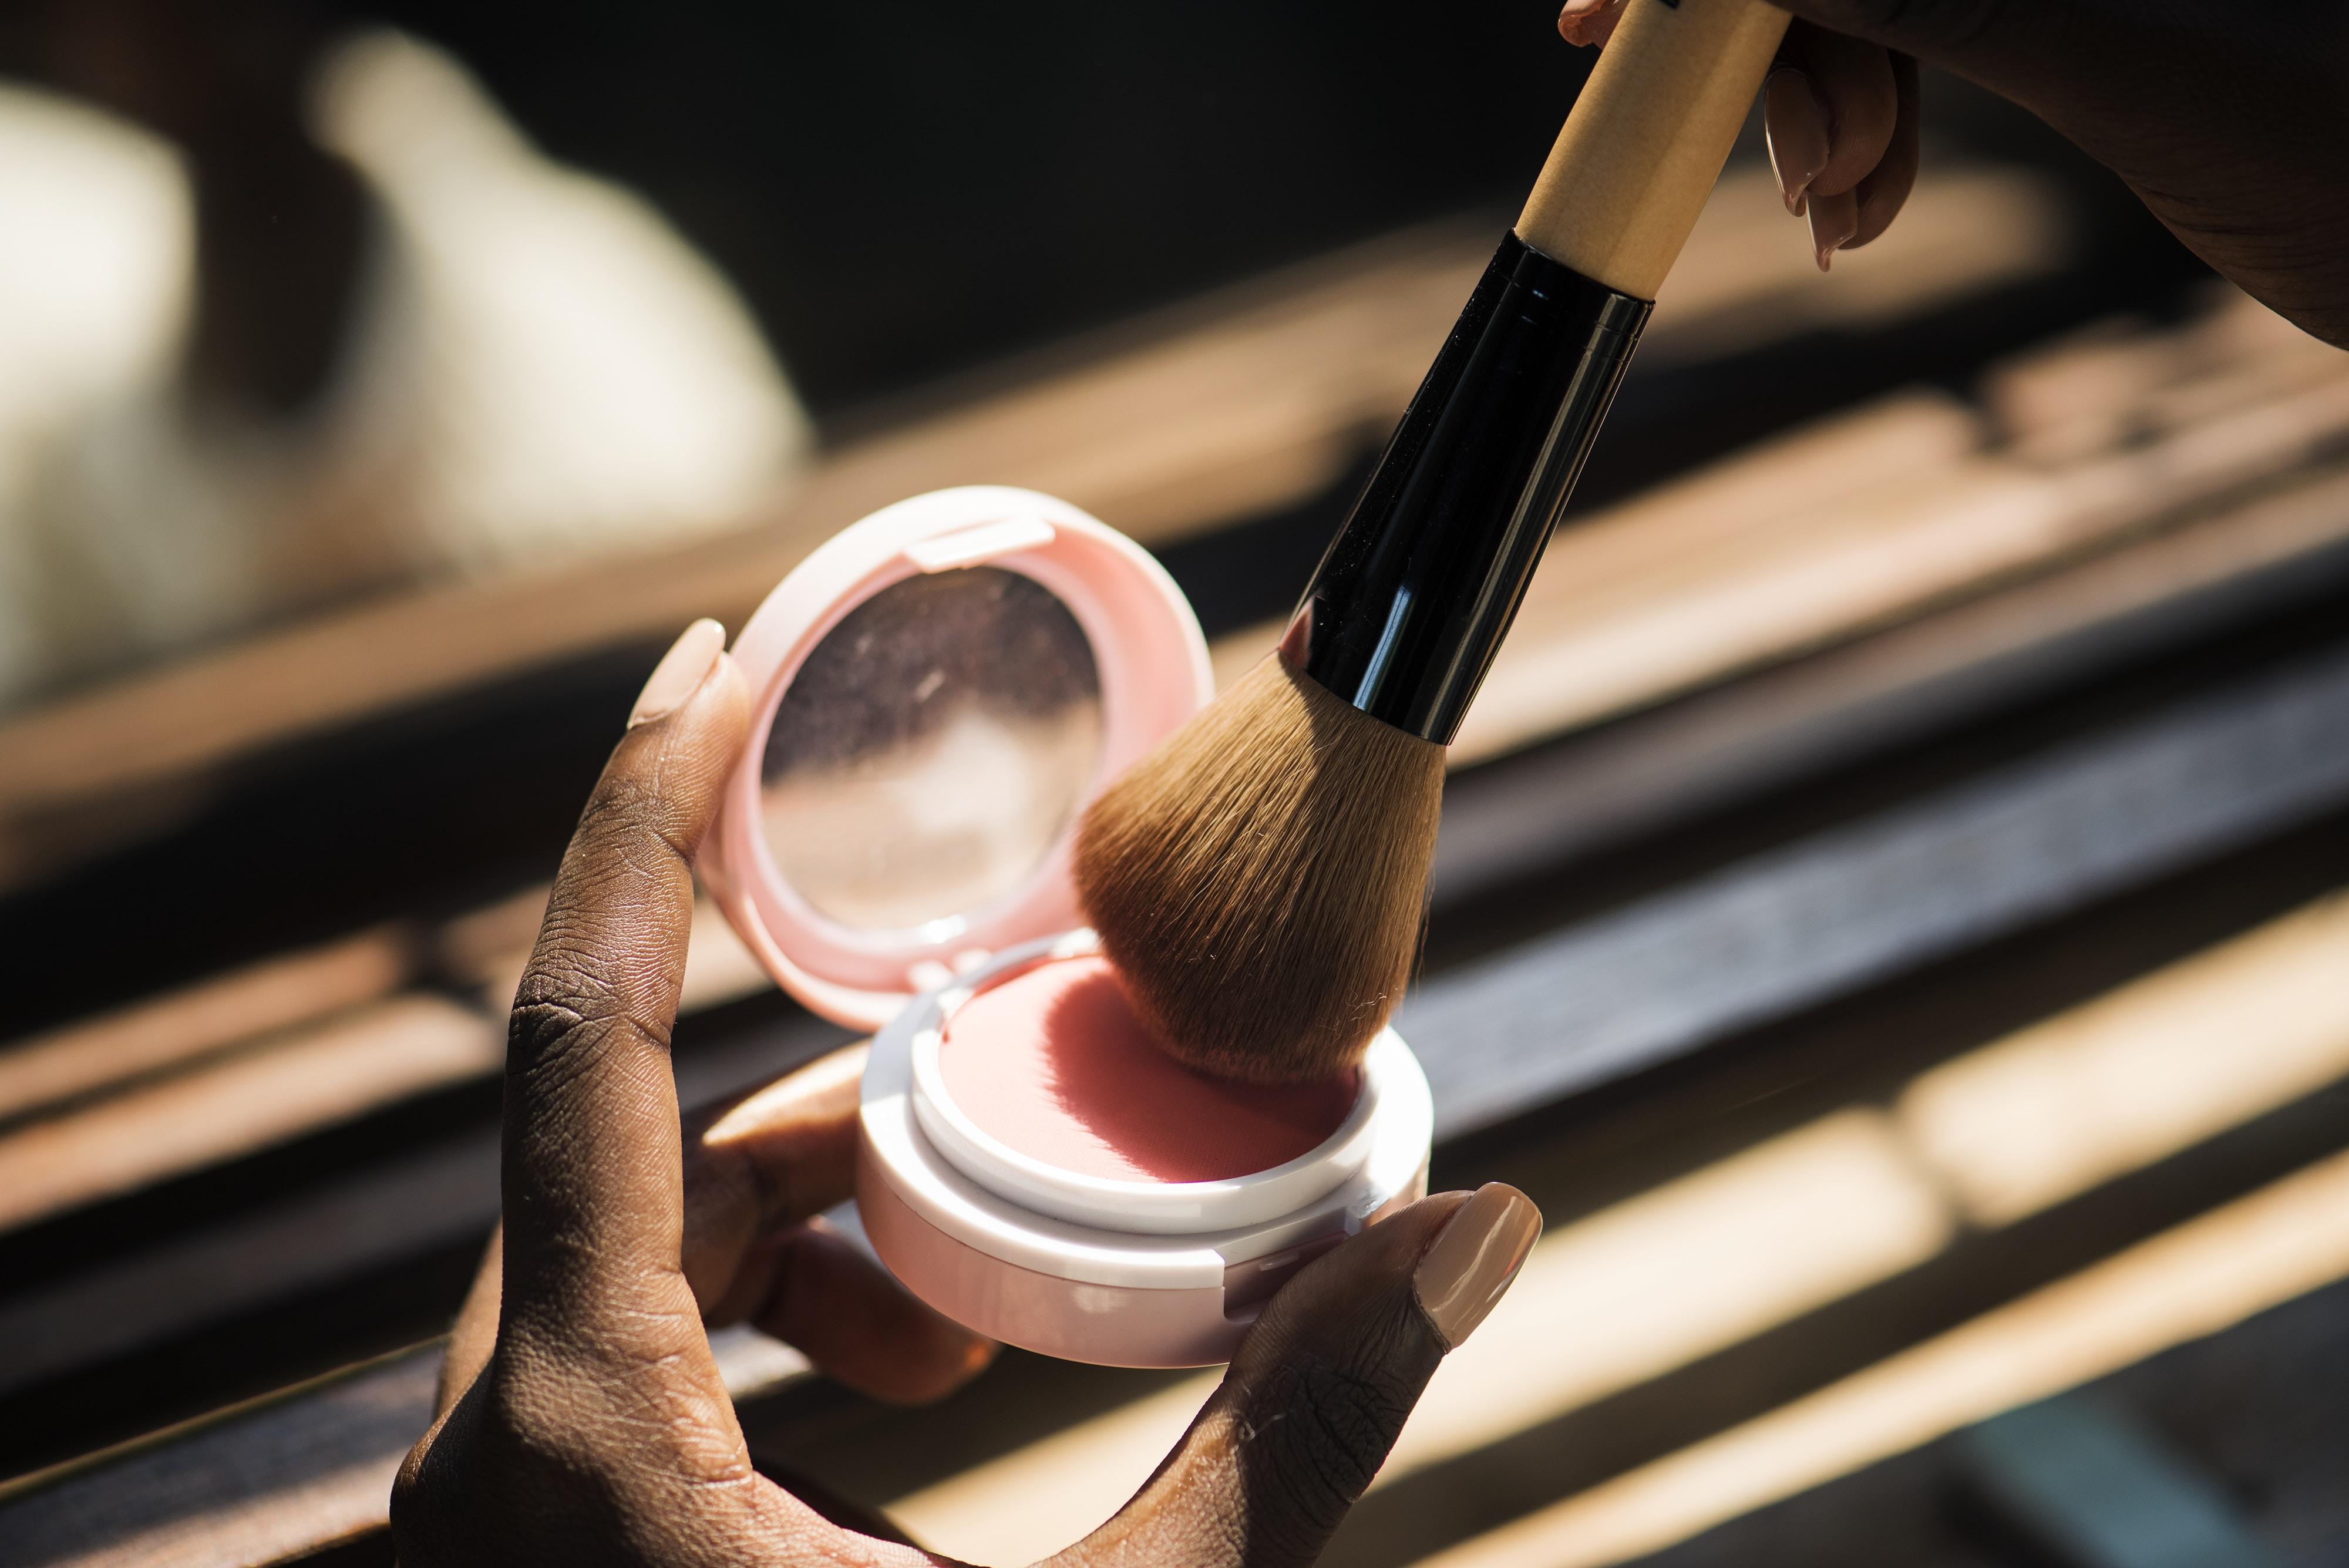 brown makeup brush on pink makeup foundation